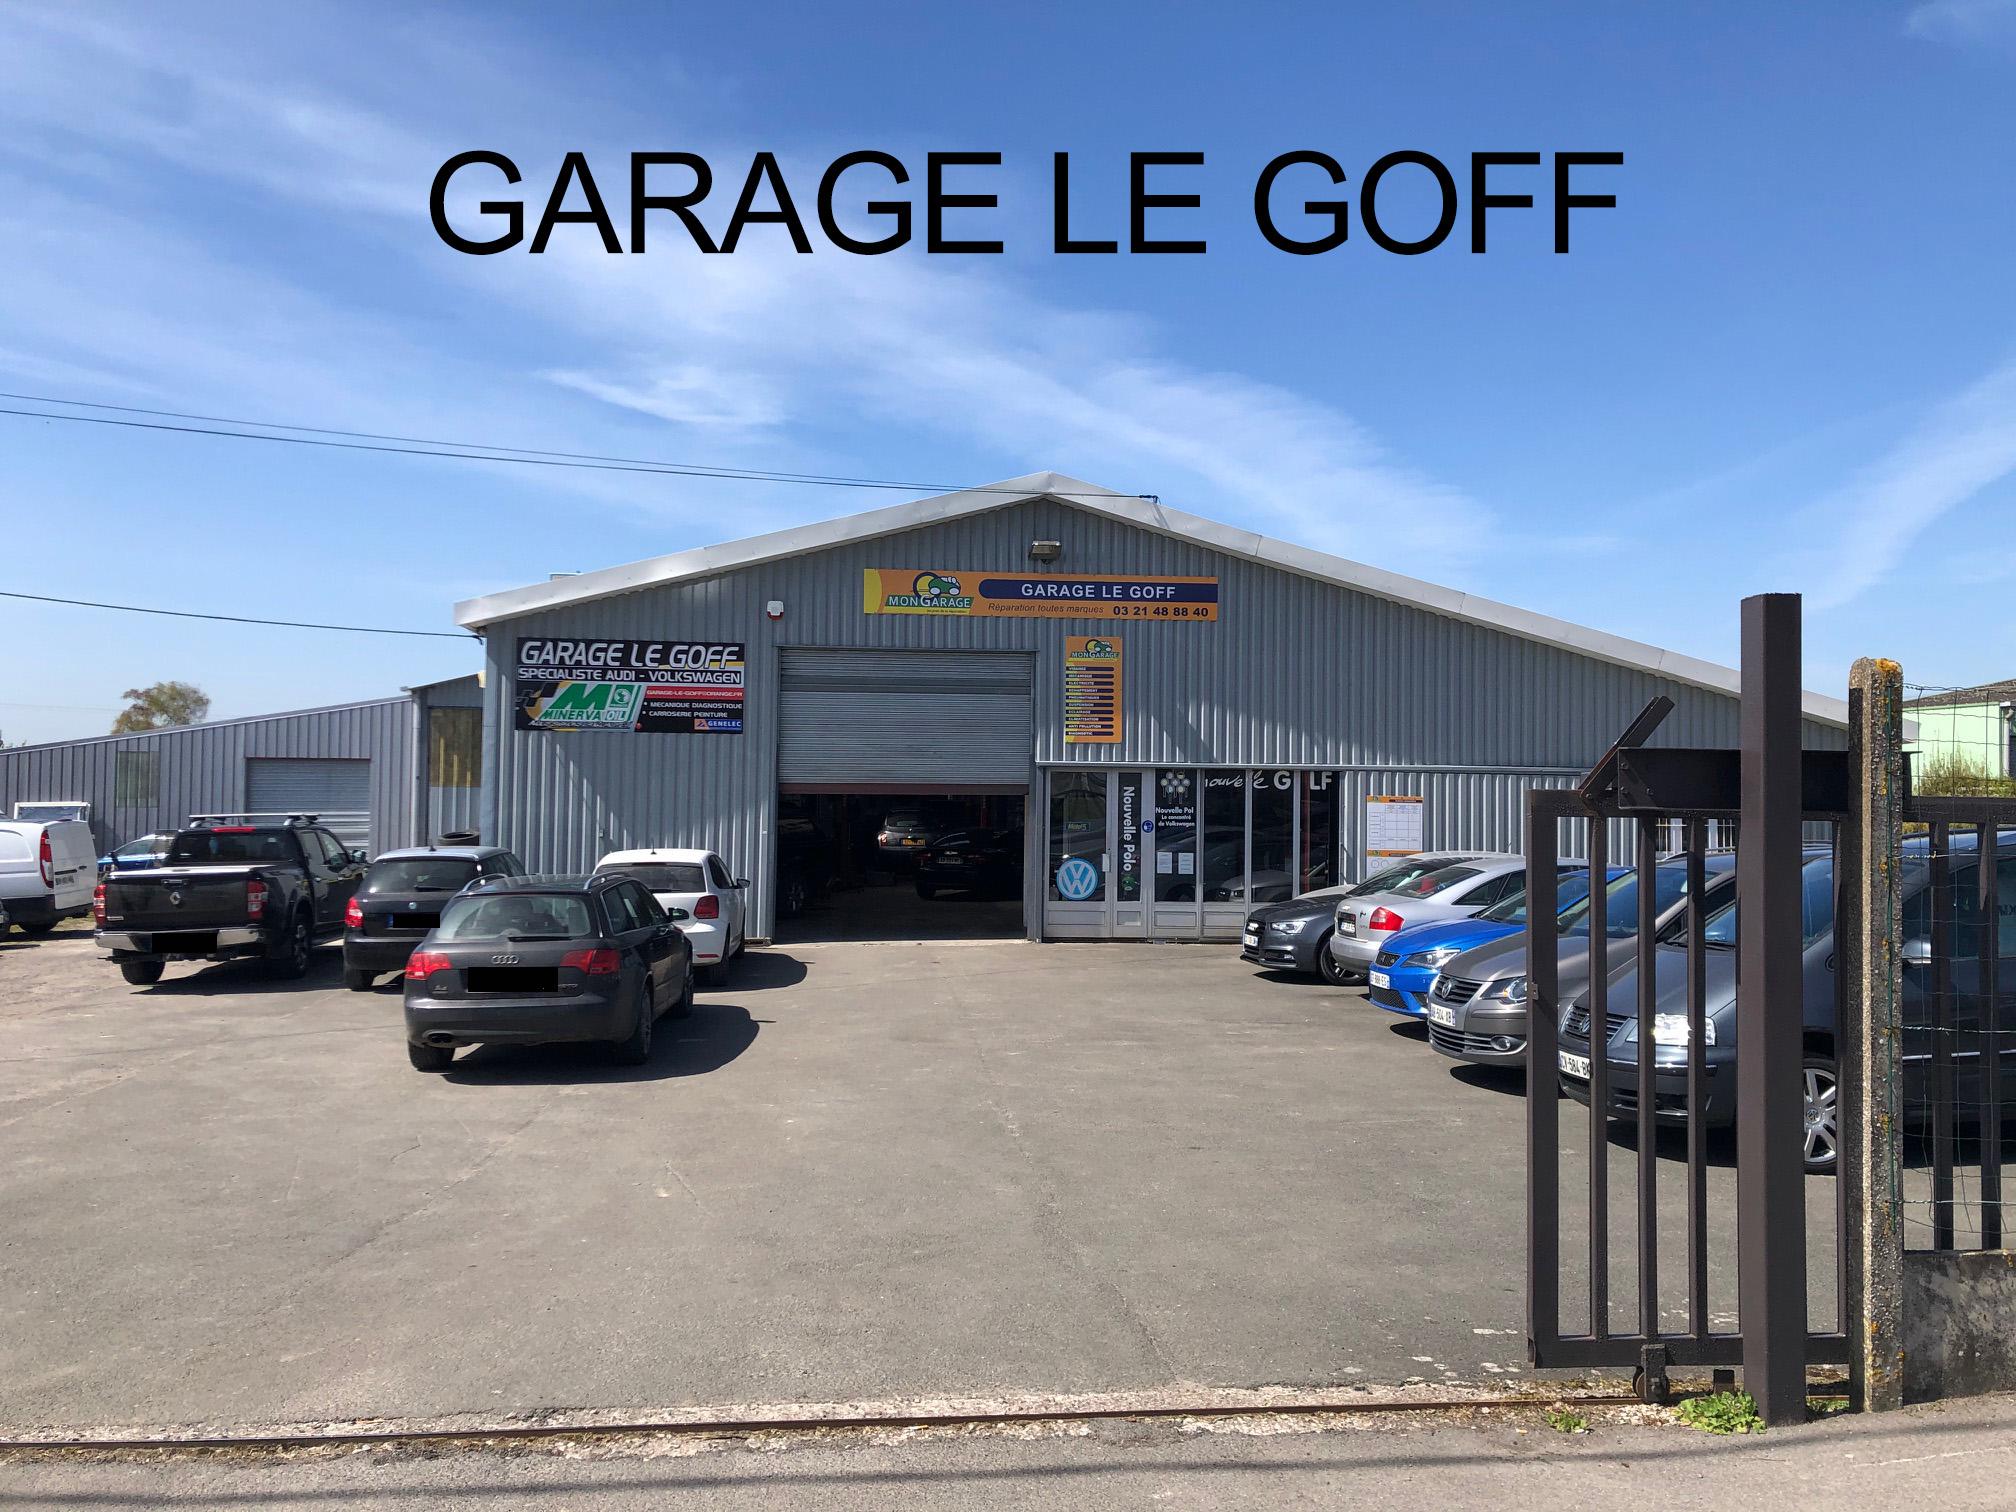 garagelegoff